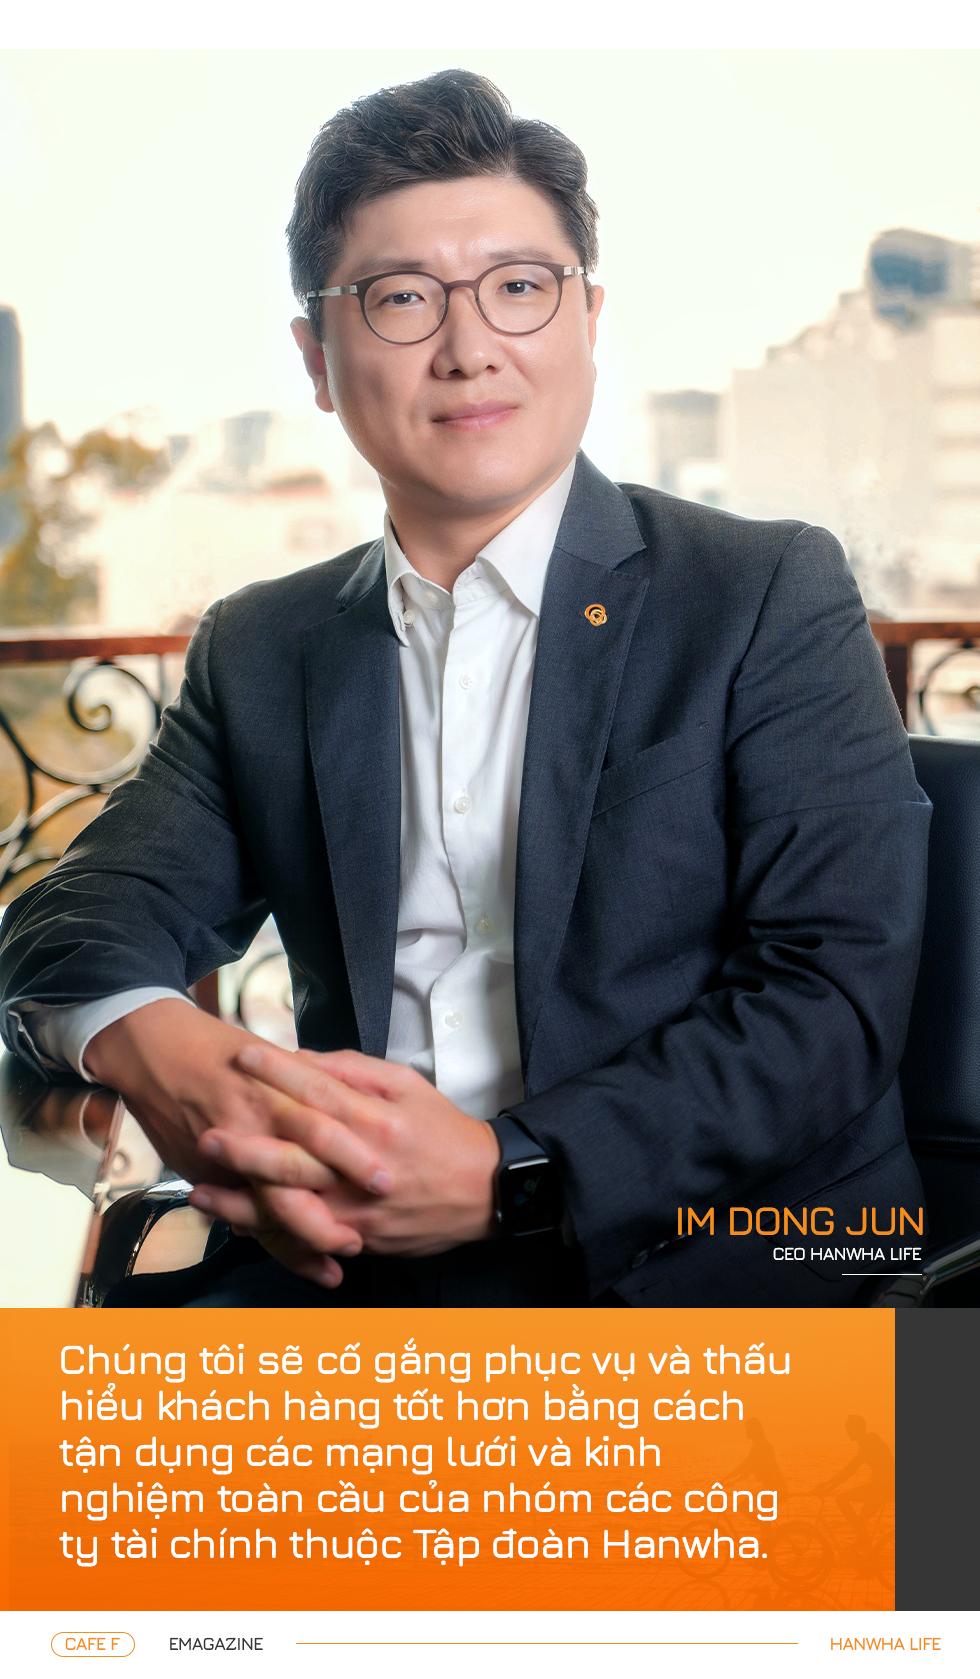 CEO Hanwha Life Việt Nam: Khai phá những cách thức sáng tạo hơn về dịch vụ tài chính - Ảnh 2.